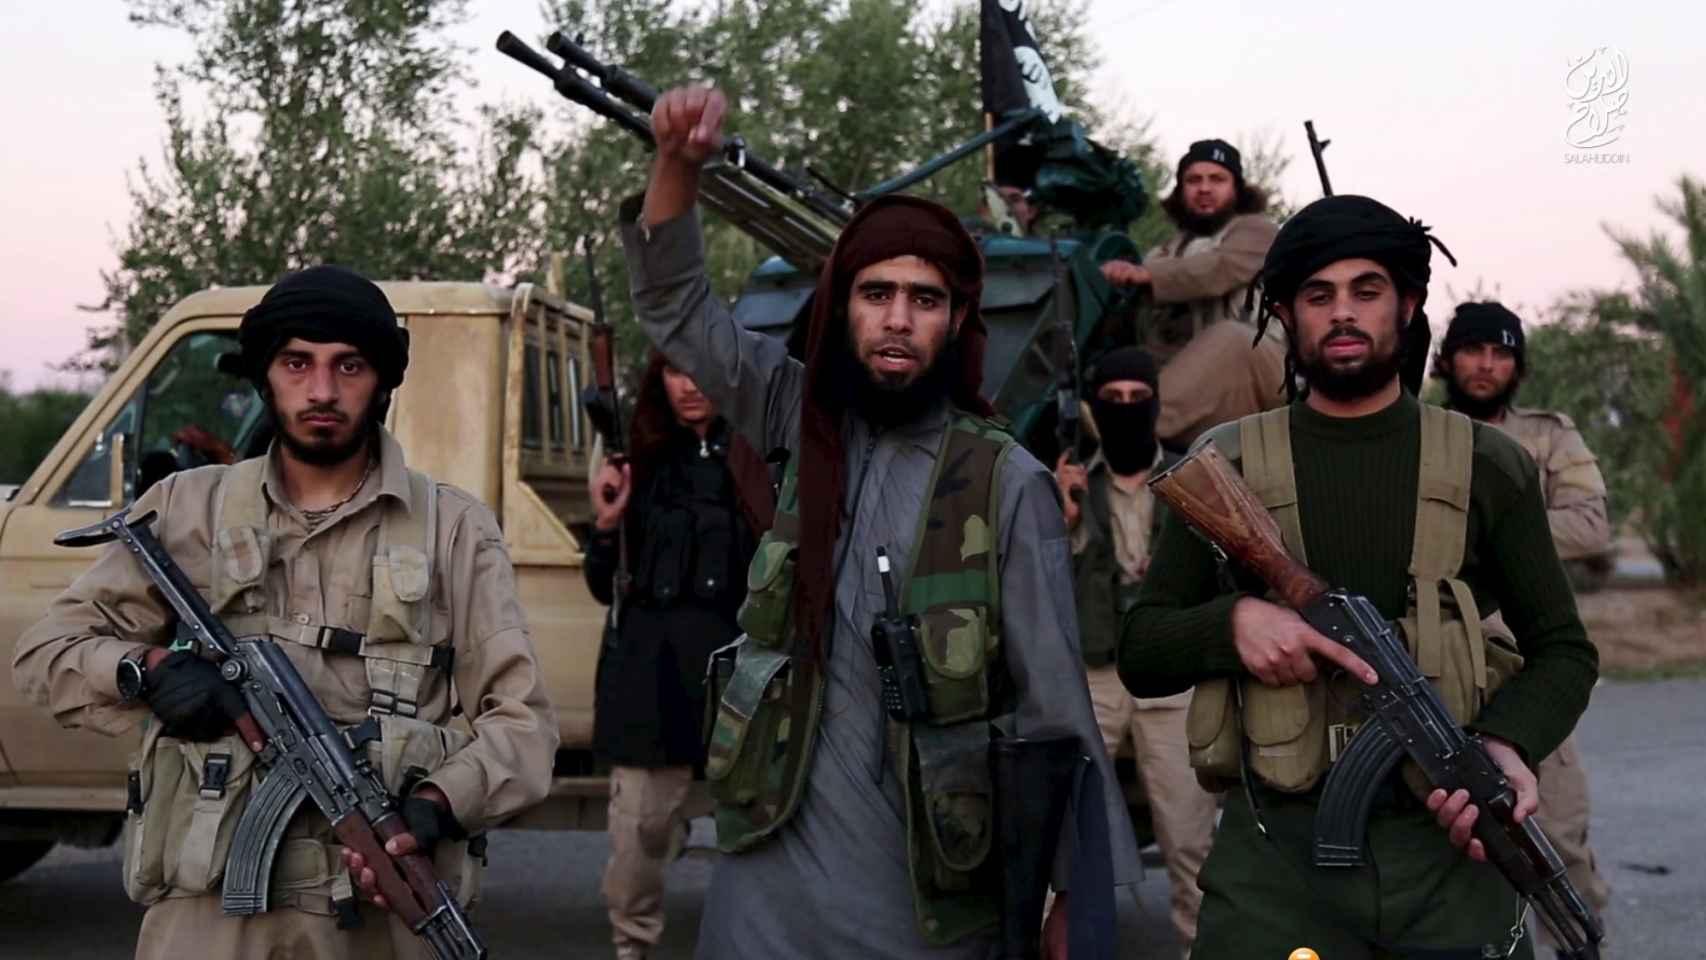 Imagen tomada de un vídeo del grupo terrorista Estado Islámico.